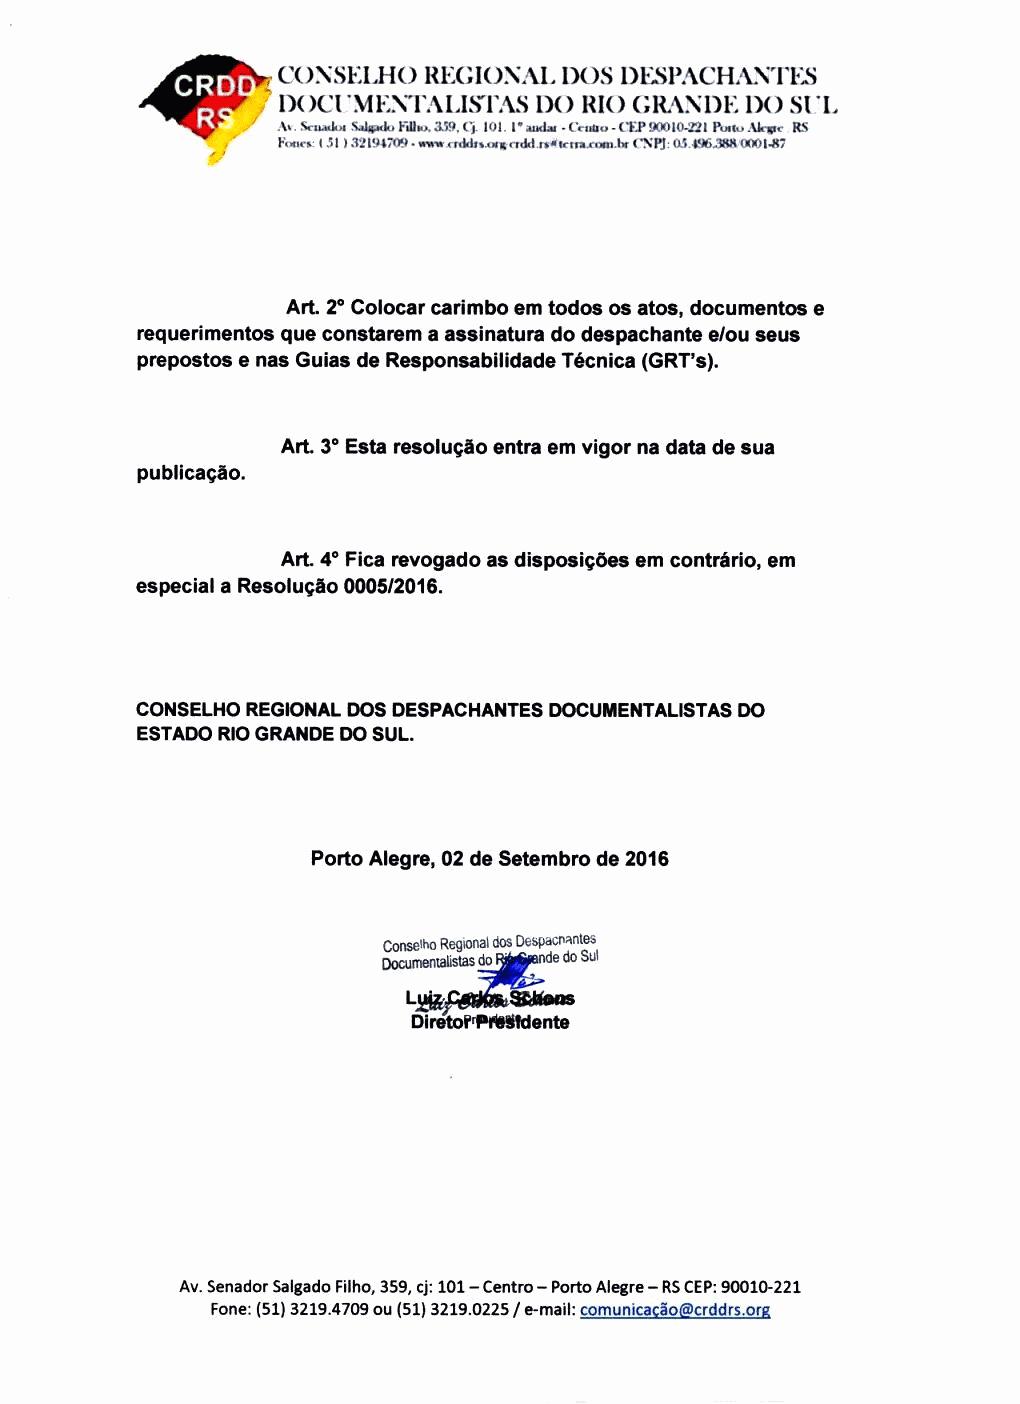 conselho regional dos despachantes do rio grande do sulsolenidade de posse da diretoria do conselho regional dos despachantes documentalistas do rio grande do sul exercício 2015 a 2019